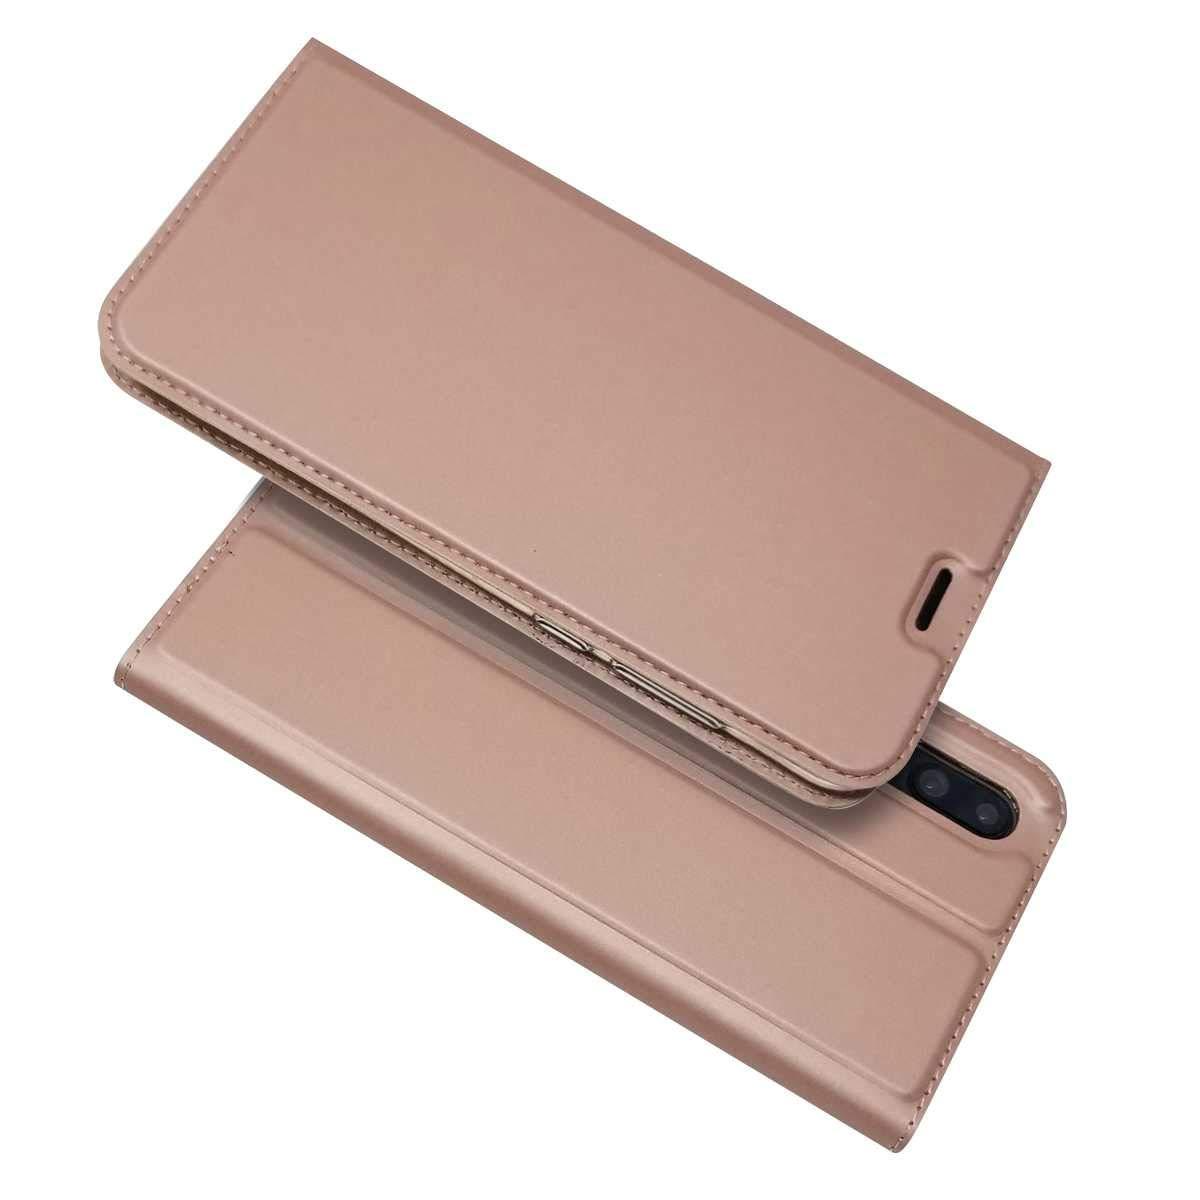 Cover Huawei P8 Lite 2017, Bravoday Custodia Huawei P8 Lite 2017 in Pelle PU, Ultrasottile Design Custodia Caso Libro Pelle e TPU Silicone con Chiusura Magnetica Funzione Supporto Stand, Porta Carte e Protettiva Flip Portafoglio Flip Wallet Case per Huawei